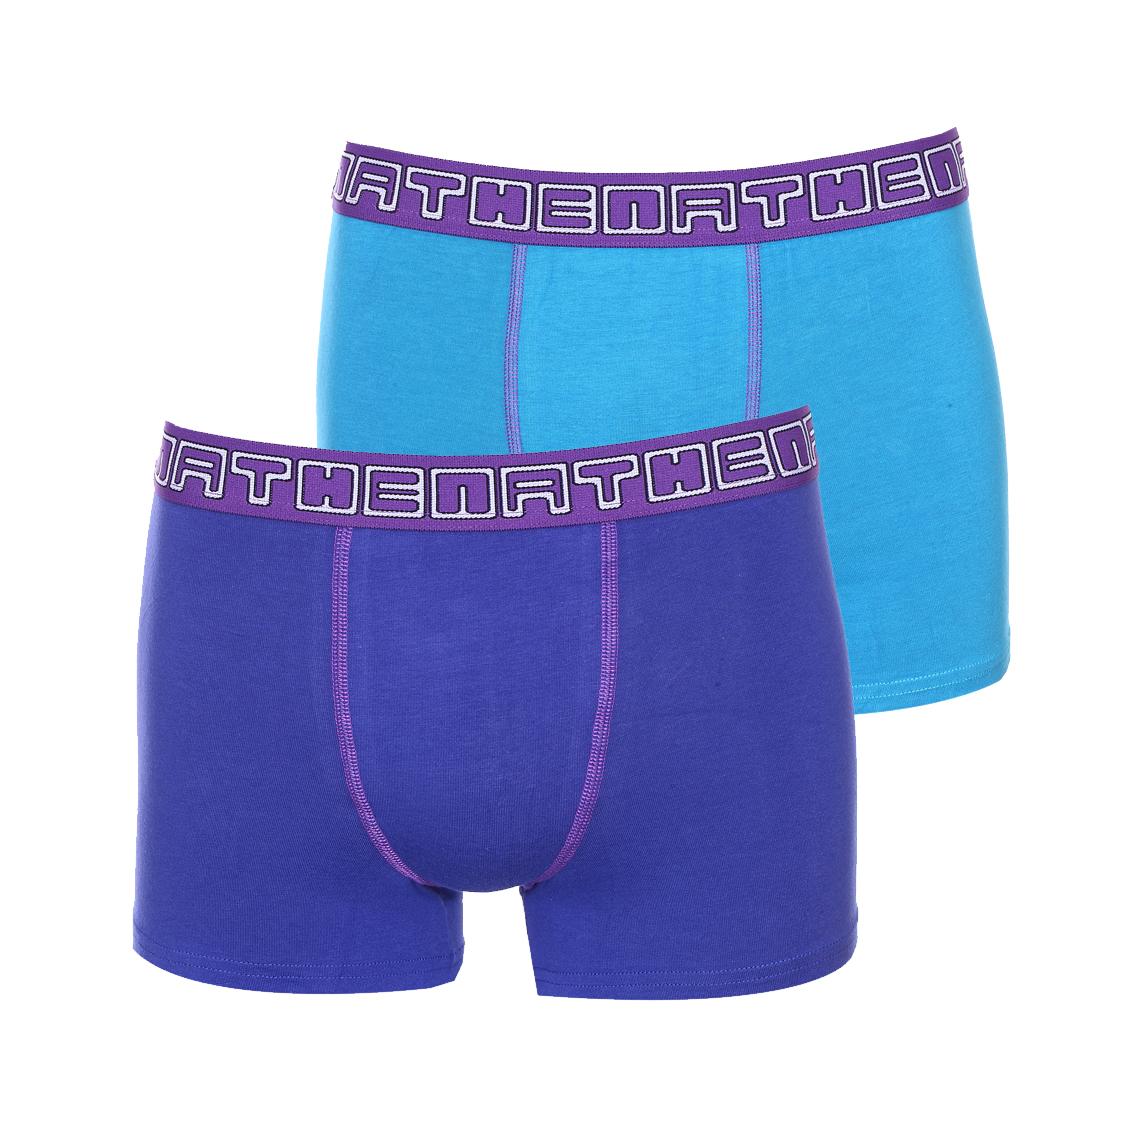 Lot de 2 boxers  en coton stretch bleu marine et bleu cyan à ceinture violette